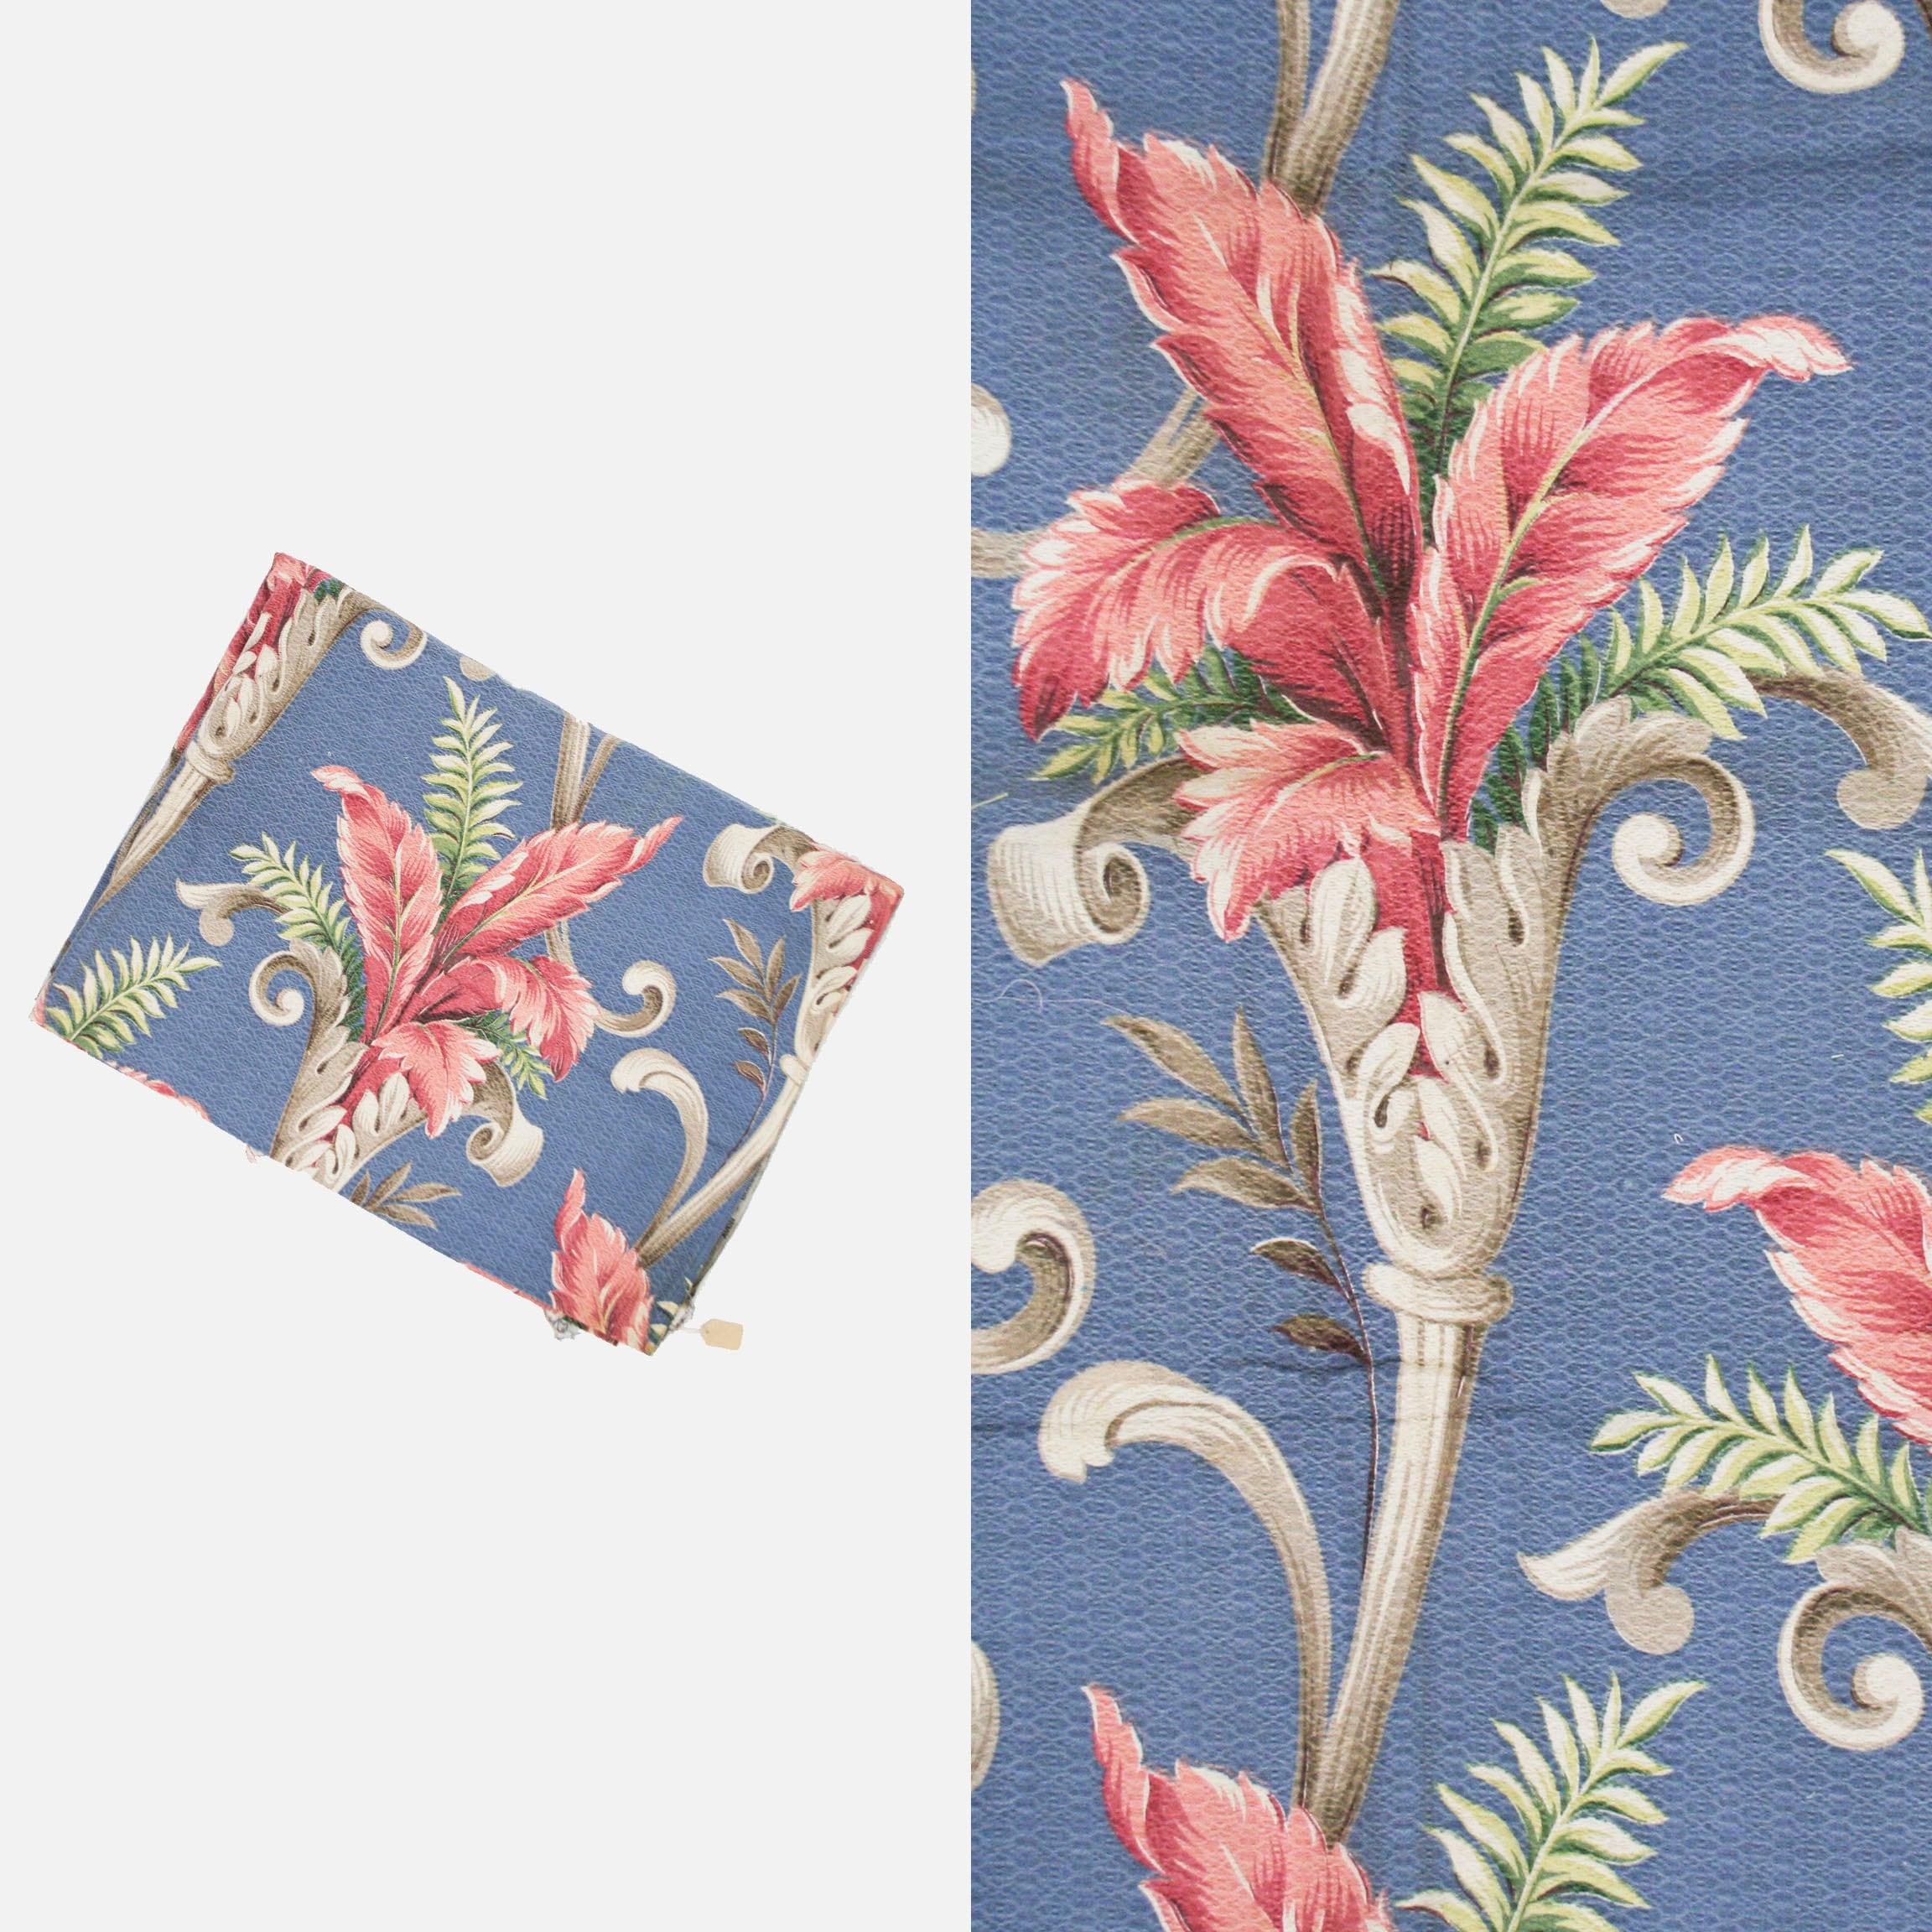 Non Vintage Tropical Tropical Tropical Barkcloth - Periwinkel bleu - coupe - verges - Floral - volutes - feuilles de palmier - botanique - vert - gris - rouge 3ff48f